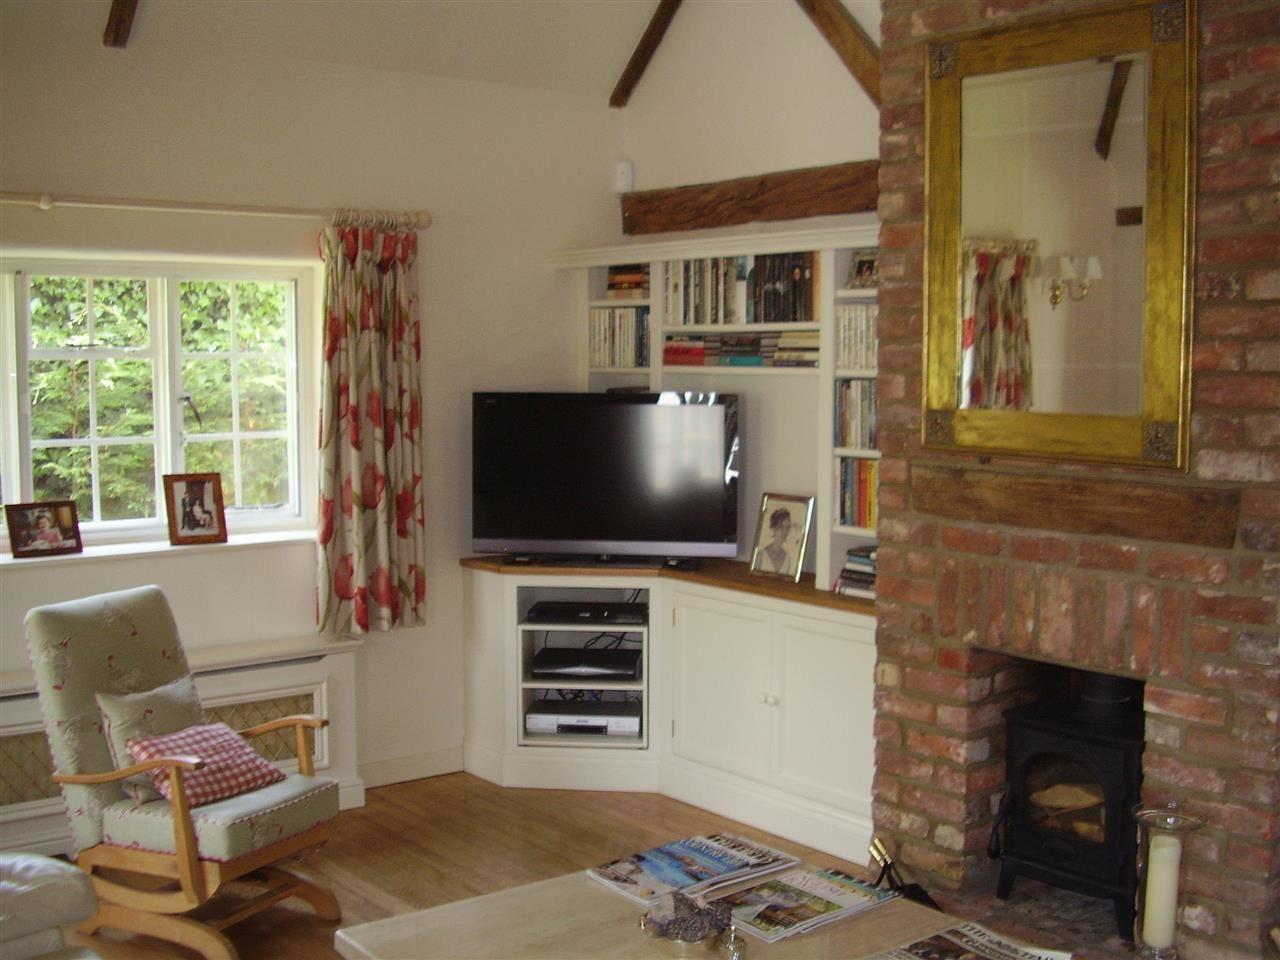 Alcove Corner Tv Units Google Search Alcove Ideas Living Room Living Room Corner Corner Tv Unit